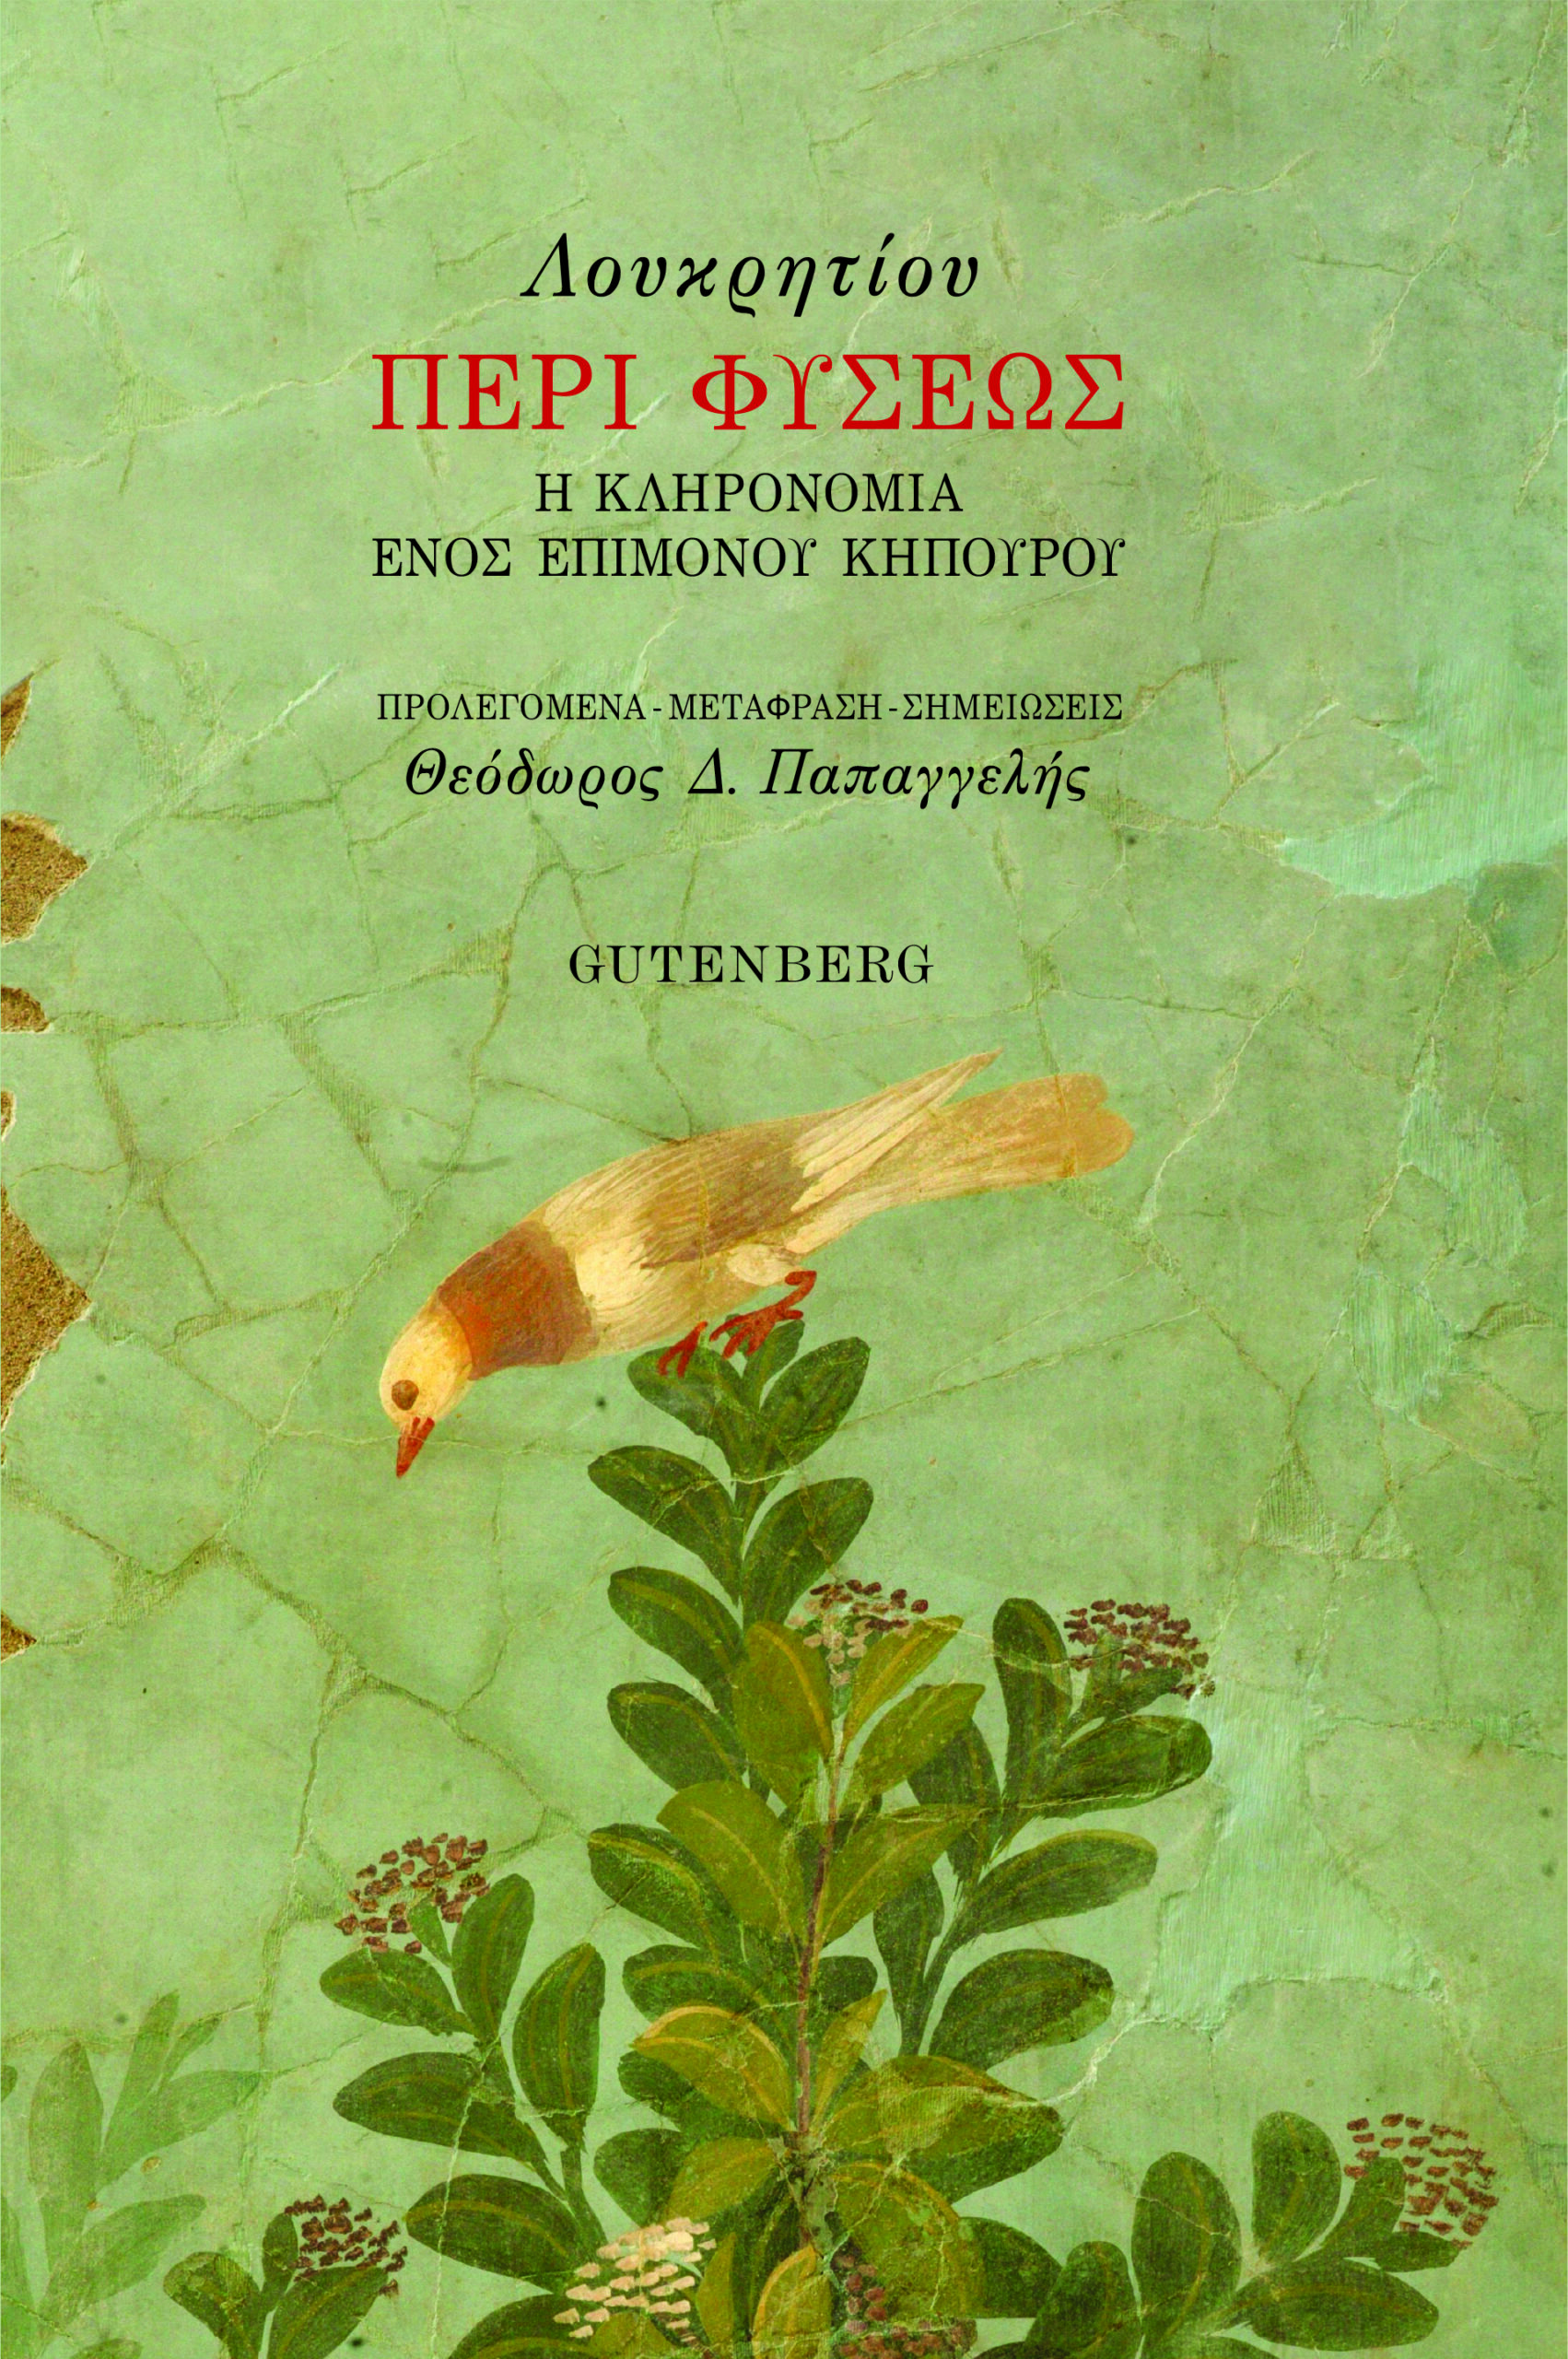 Λουκρήτιος: Περί Φύσεως – Η κληρονομιά ενός επίμονου κηπουρού, από τις εκδόσεις Gutenberg